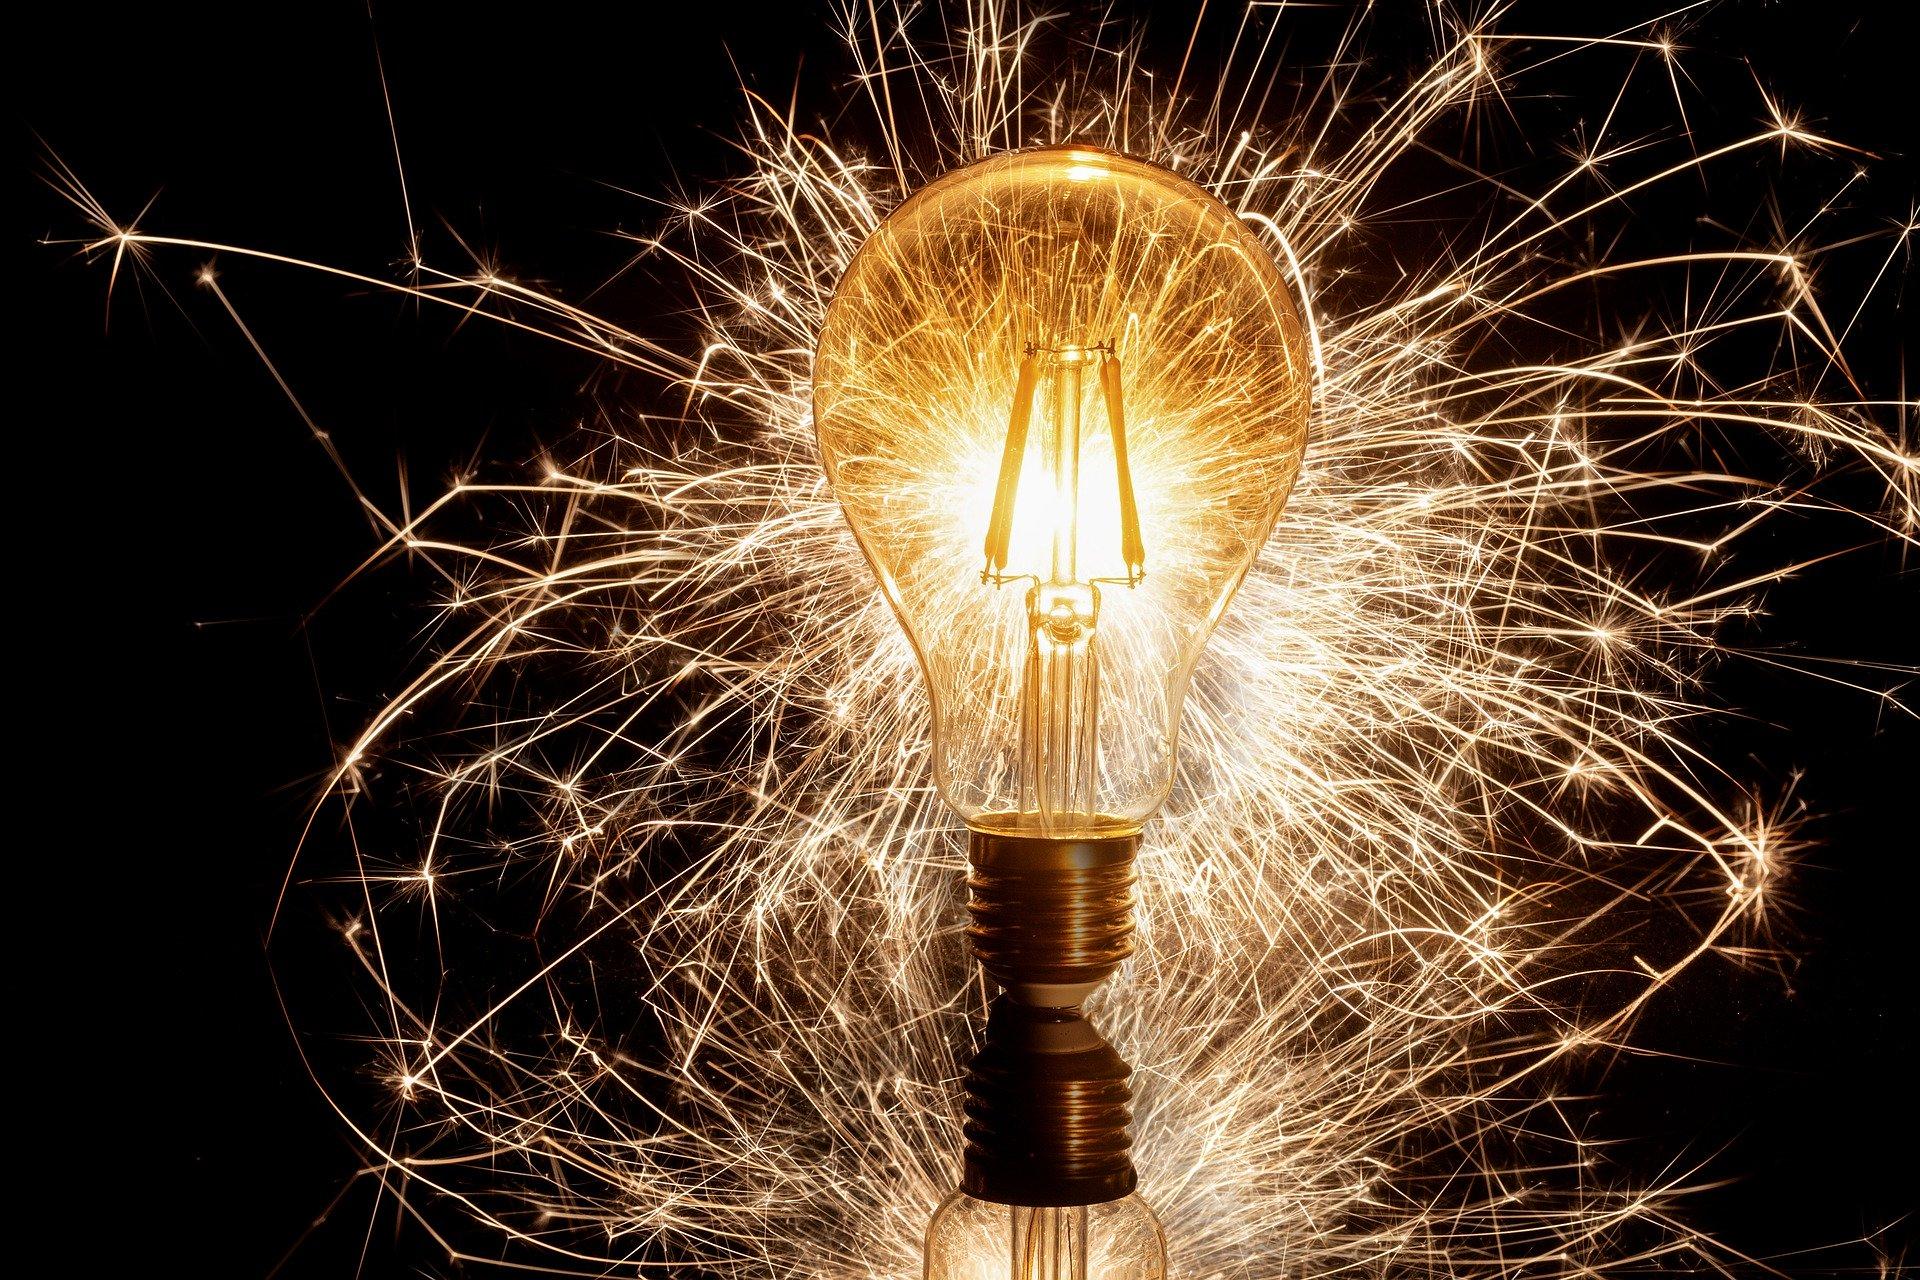 Symbolbild Innovation und Ideen: Funken sprühen aus eine Glühlampe.